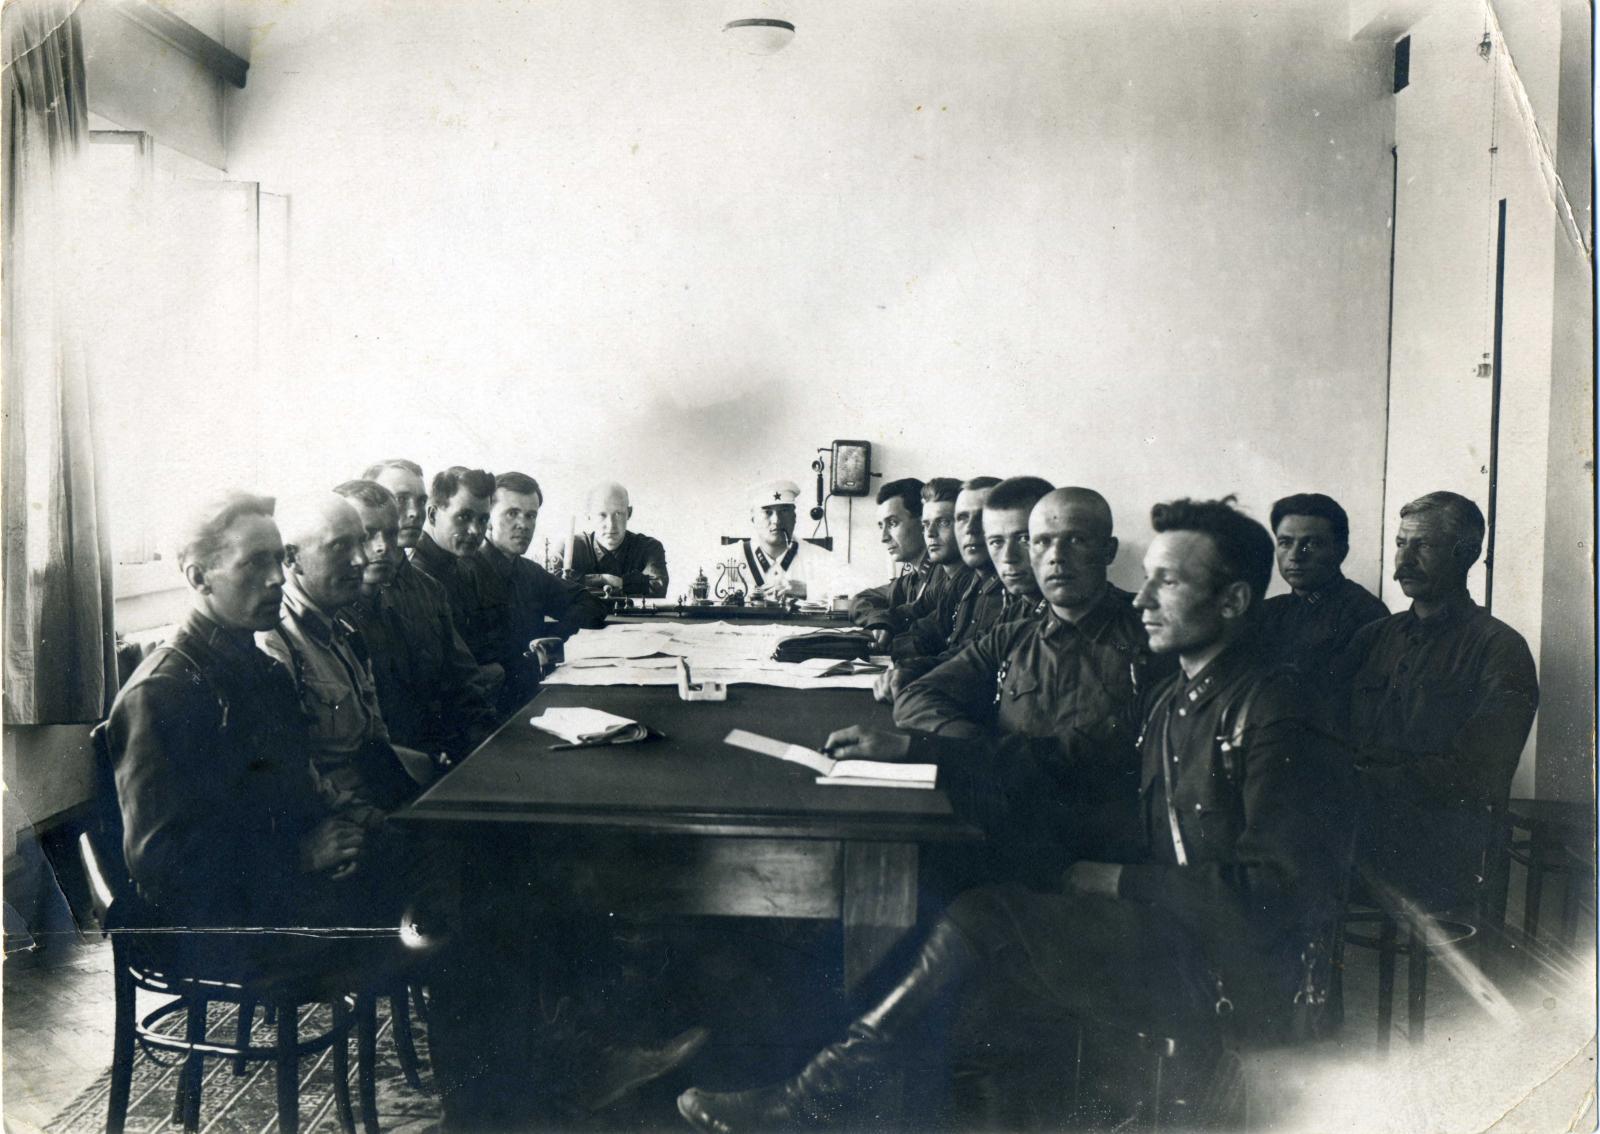 1935. Совещание сотрудников органов НКВД и командования ПВ НКВД КазАССР